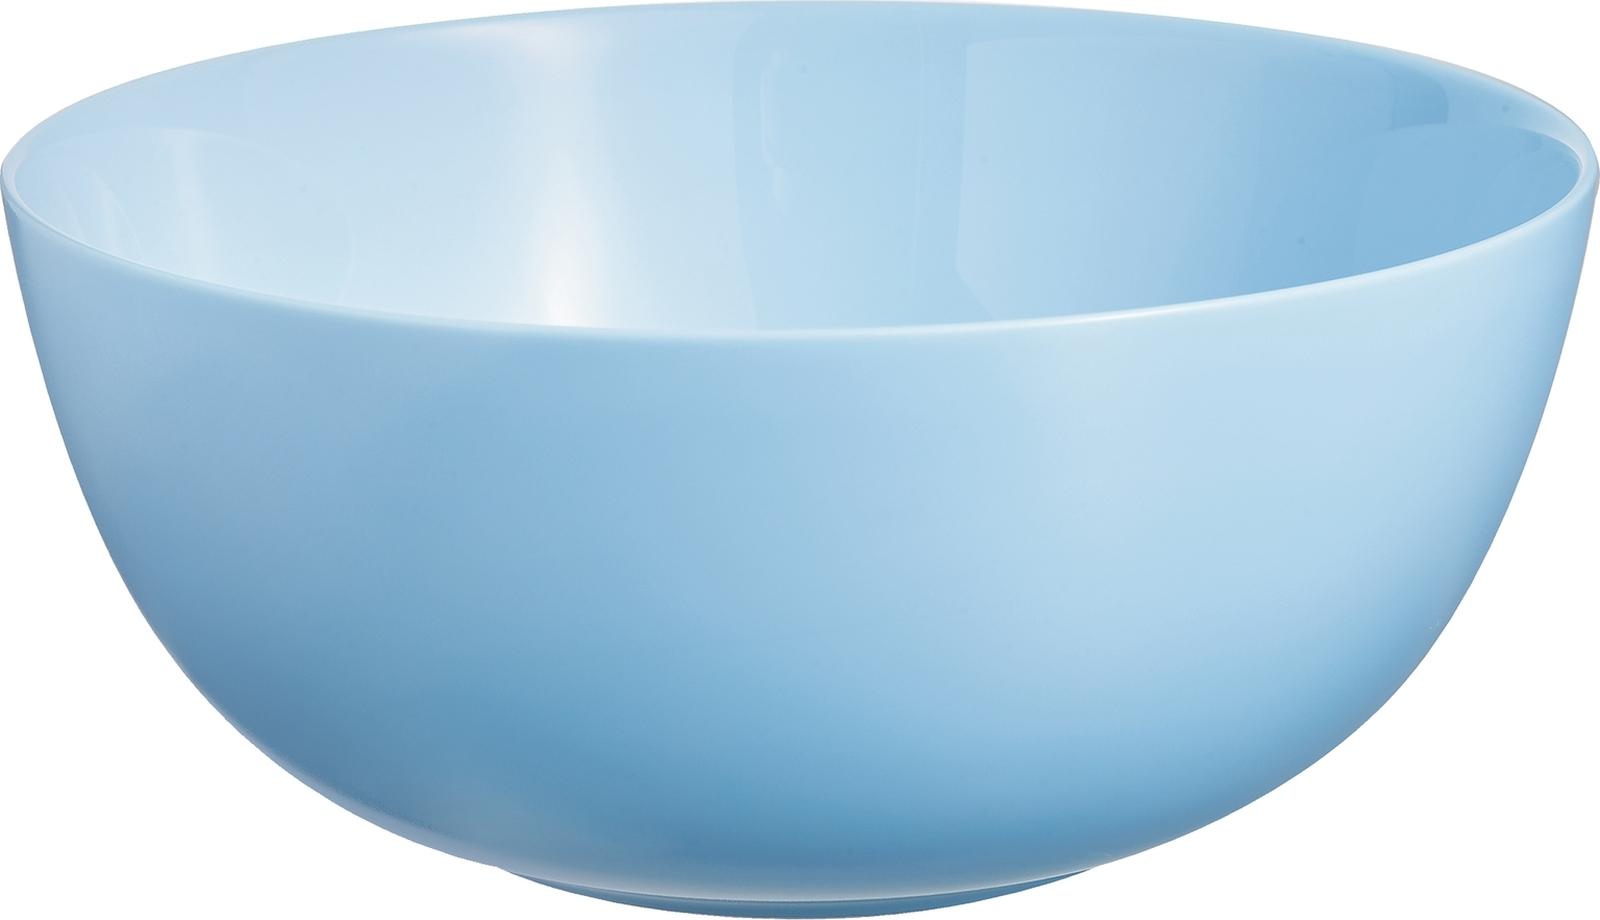 Салатник Luminarc Дивали Лайт Блю, P2614, голубой